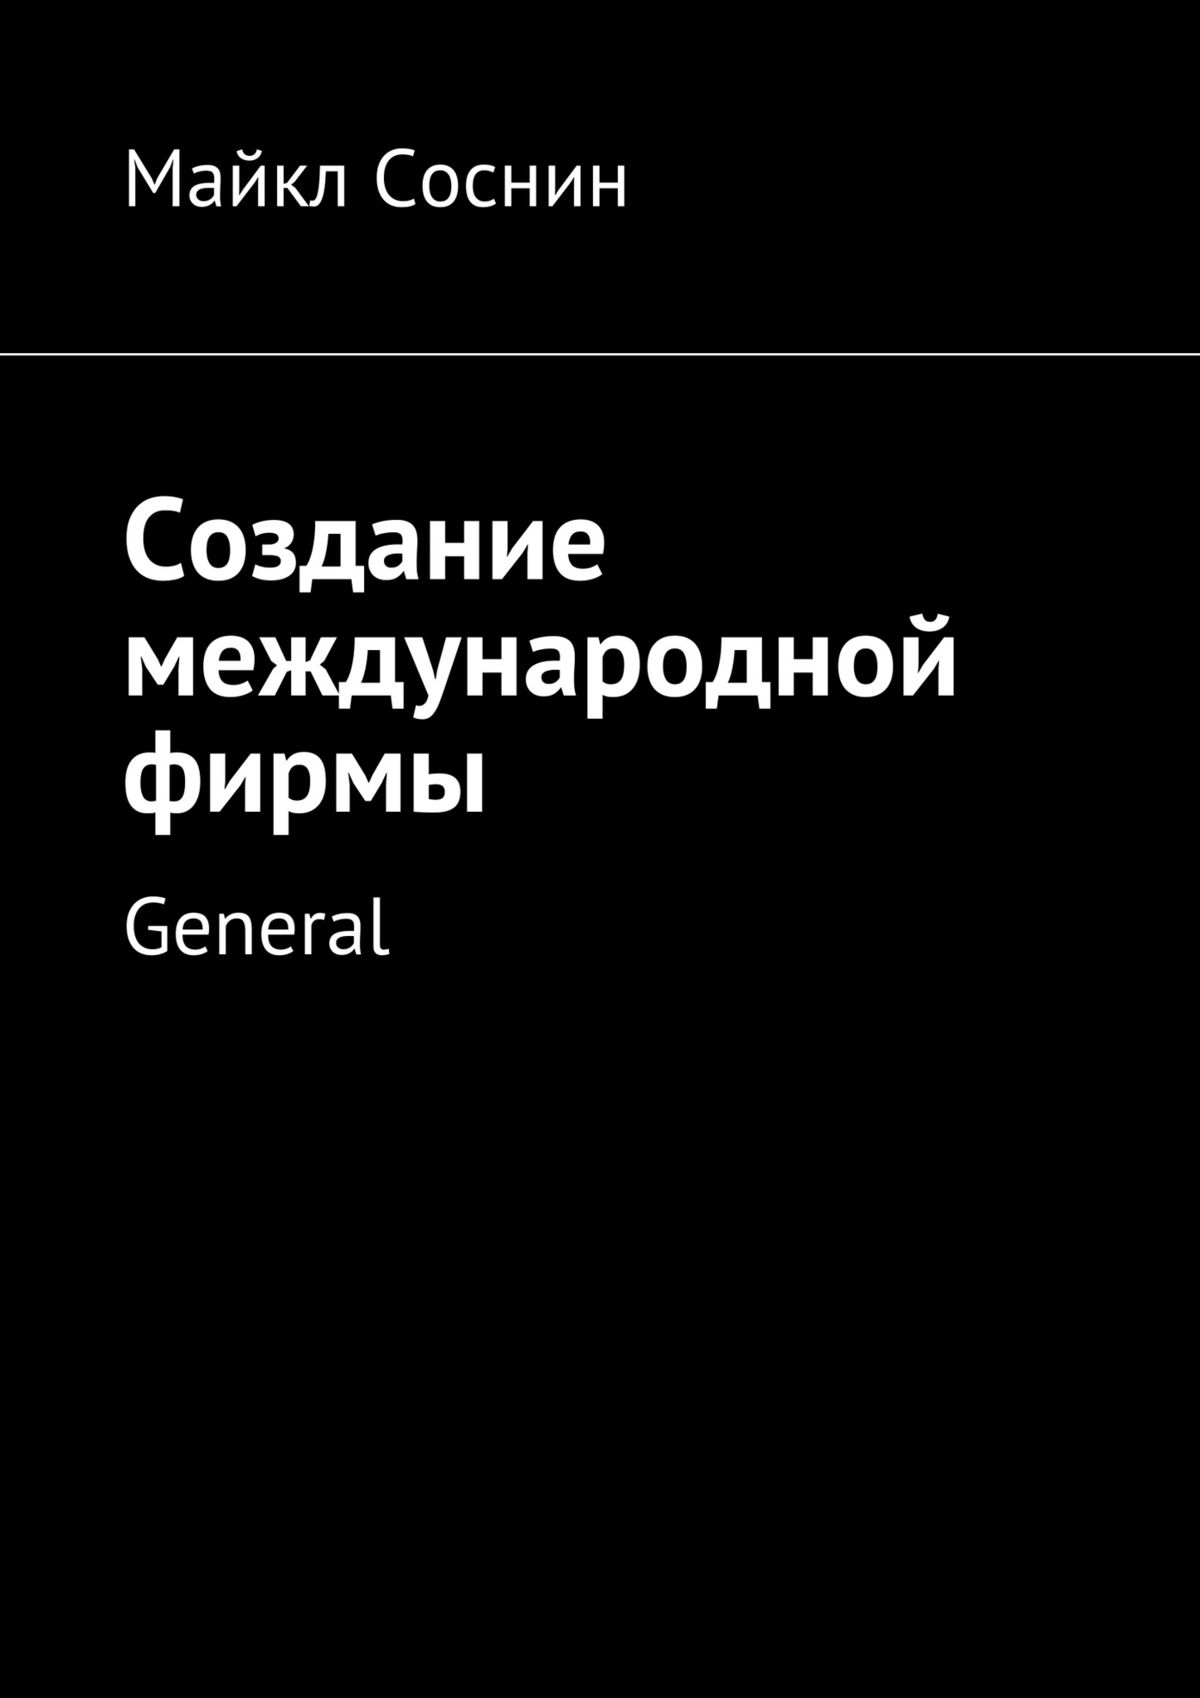 Майкл Соснин Создание международной фирмы. General